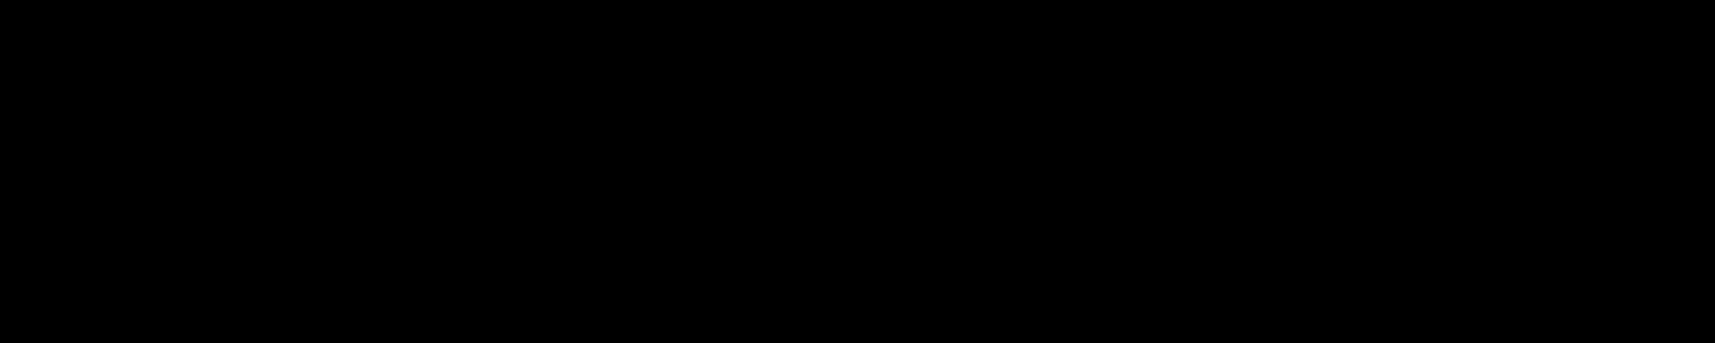 Imperial Isle Clan symbols